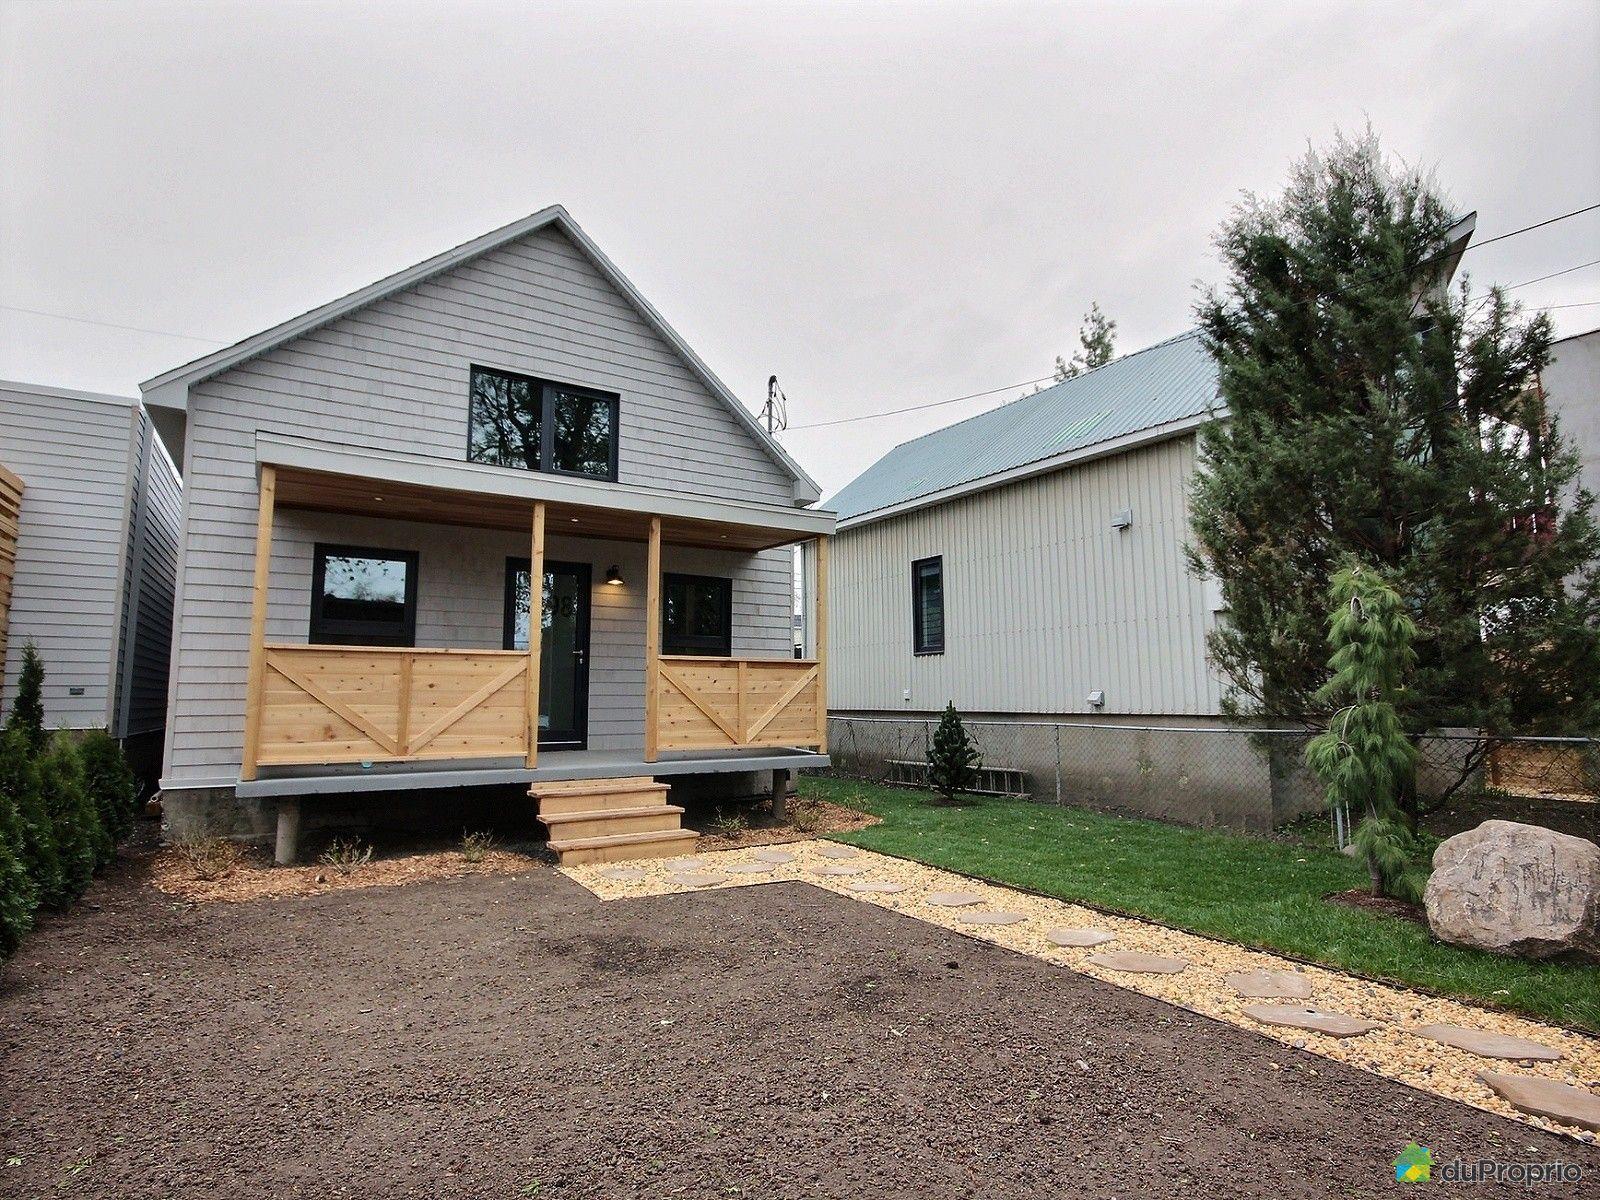 Maison a vendre sud 28 images maison vendu st barnabe for Achat maison montreal canada